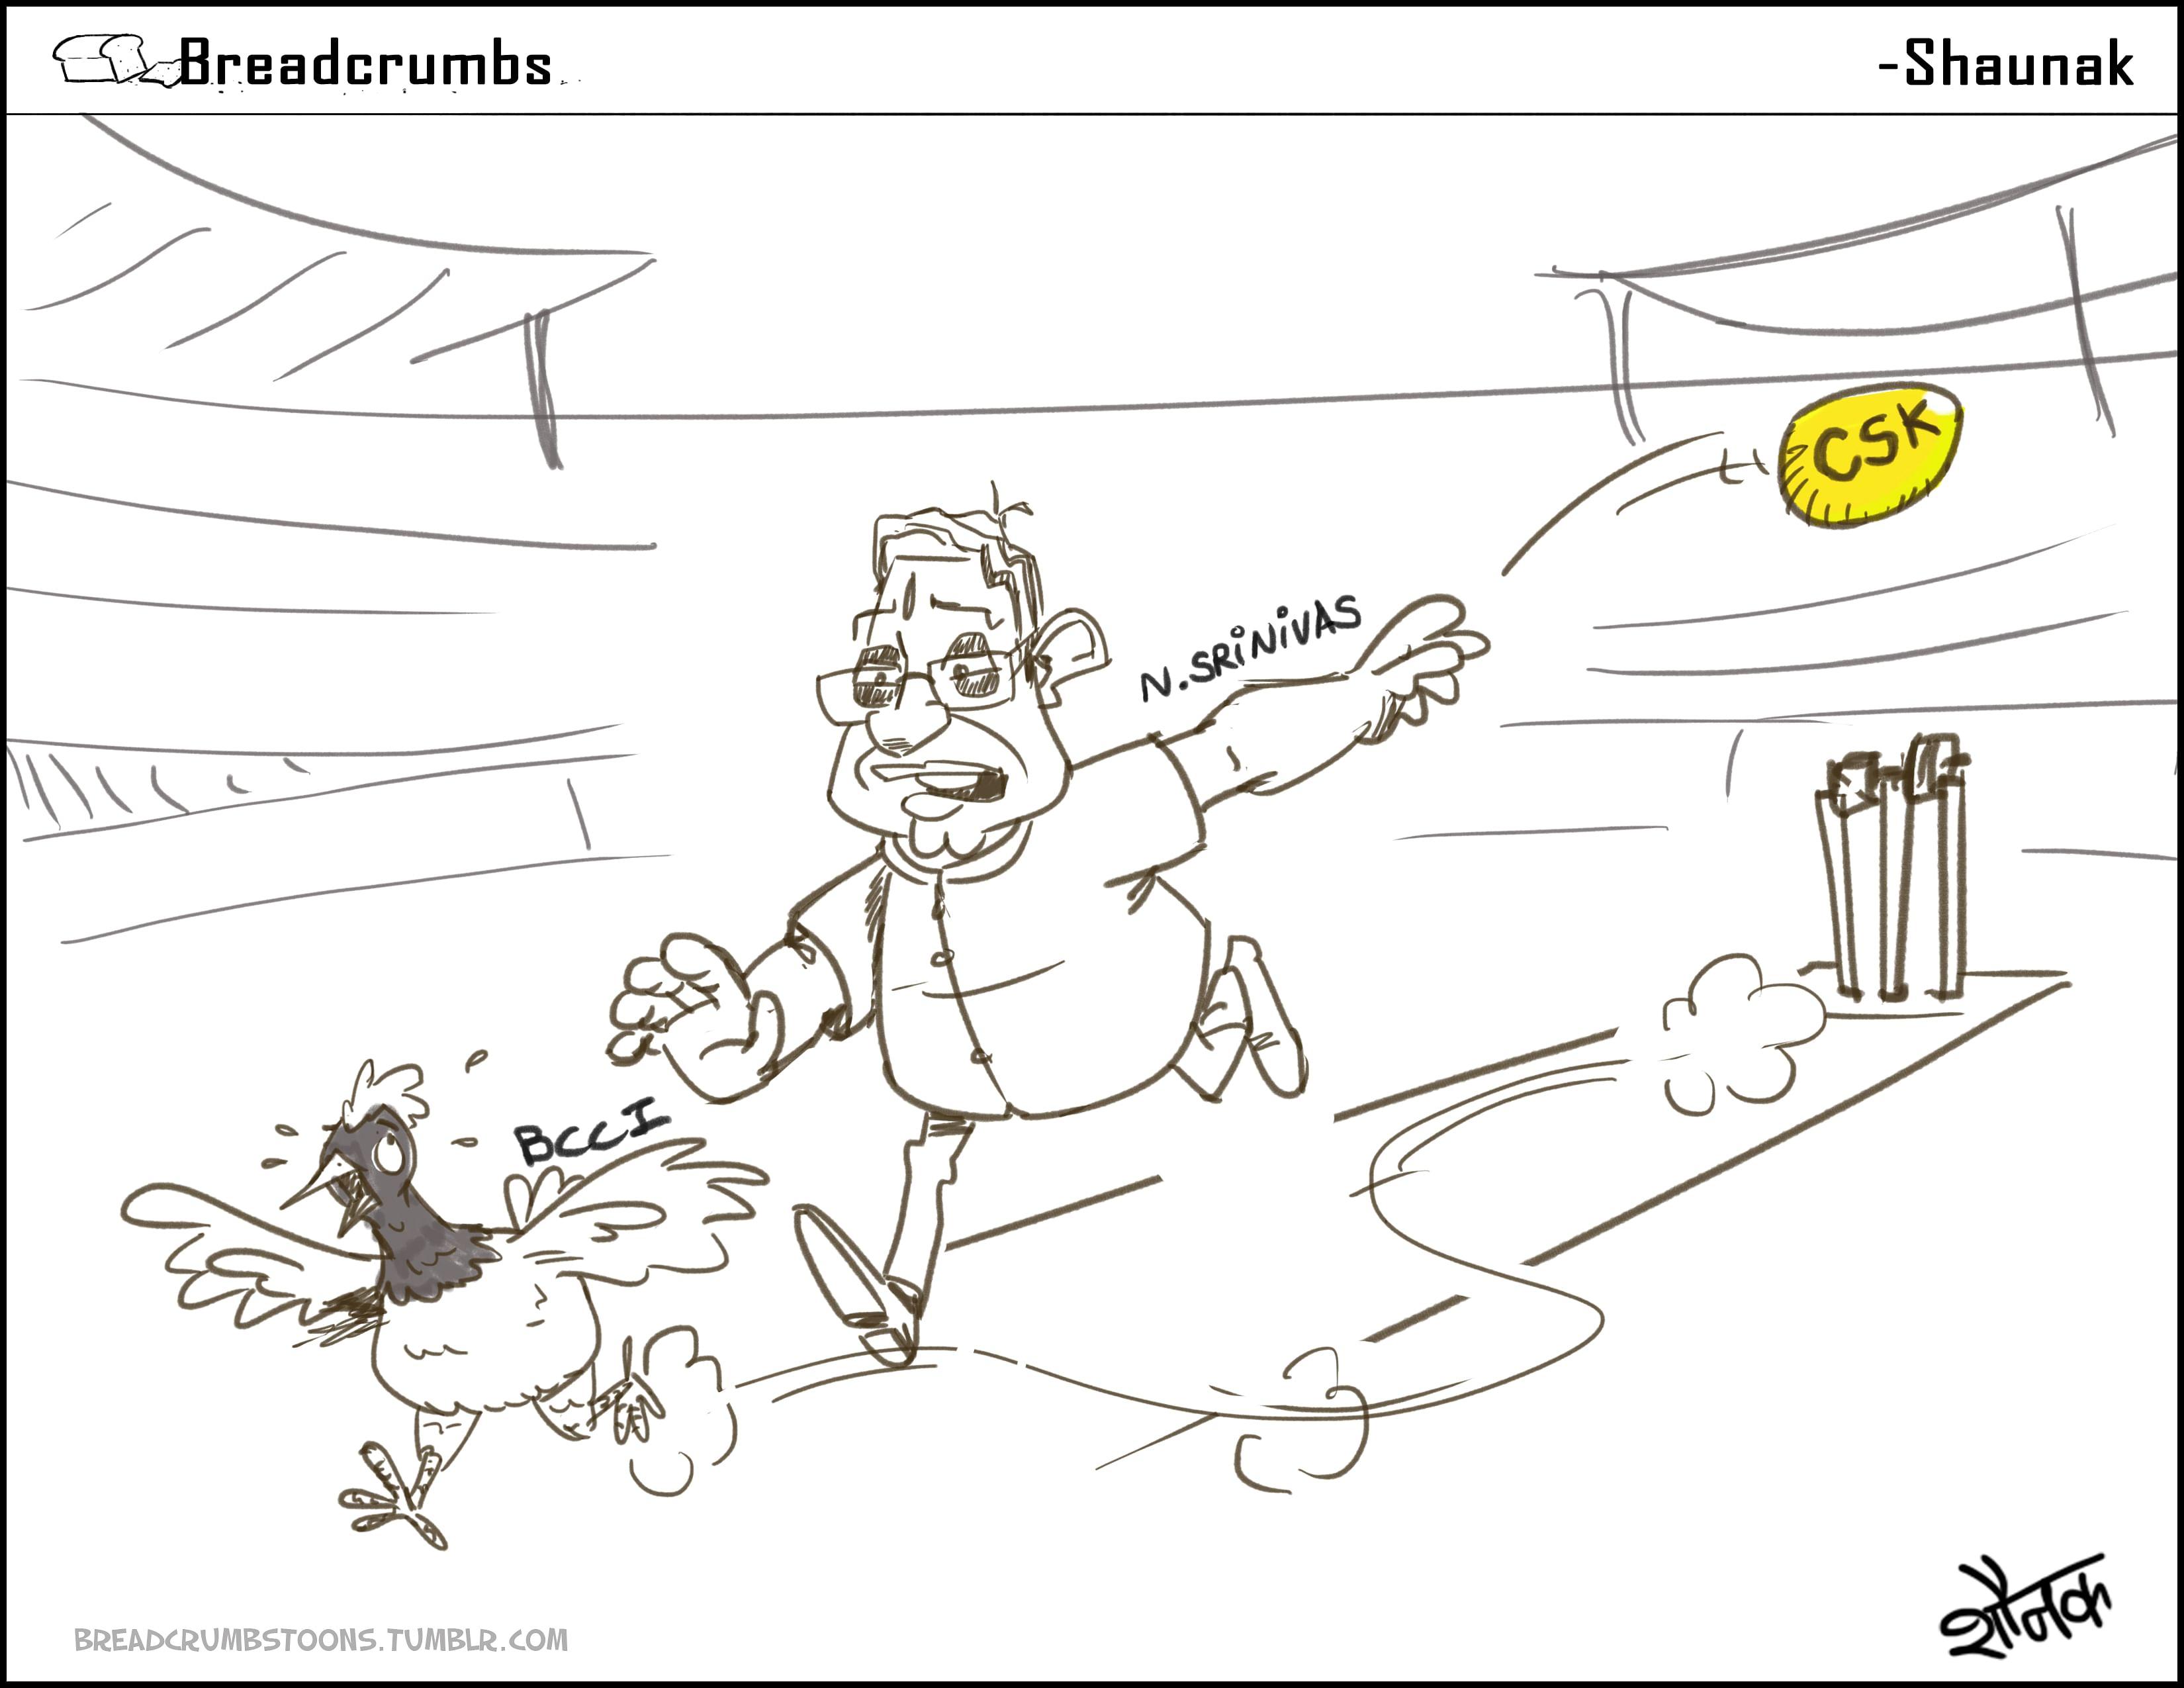 Comic: N. Srinivasan's dilemma: The chicken or the golden egg